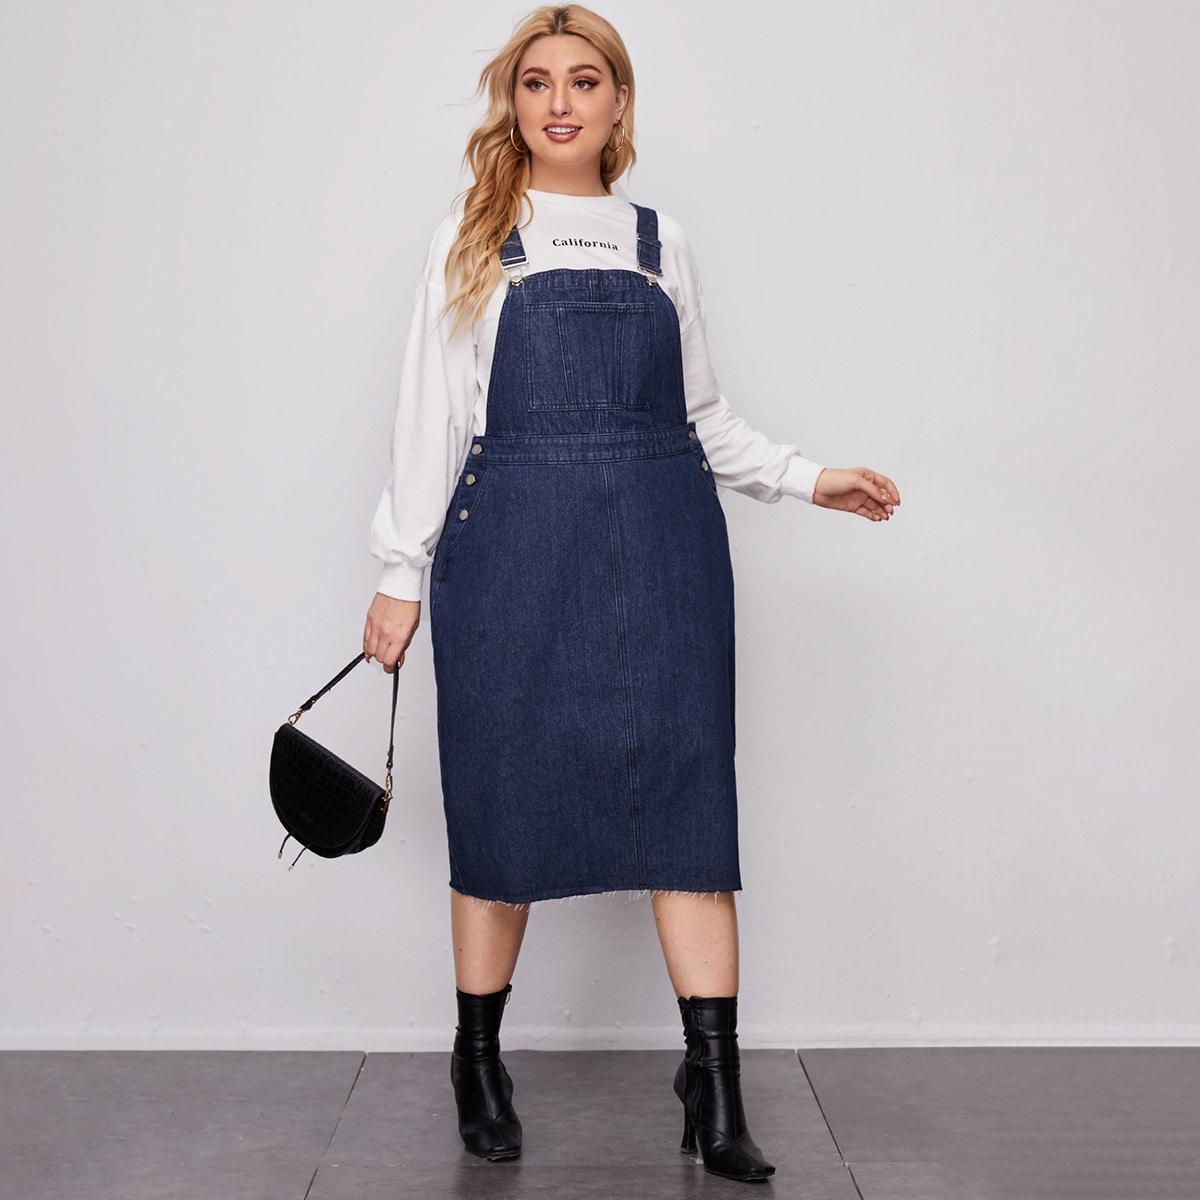 Джинсовое платье-сарафан размера плюс с разрезом